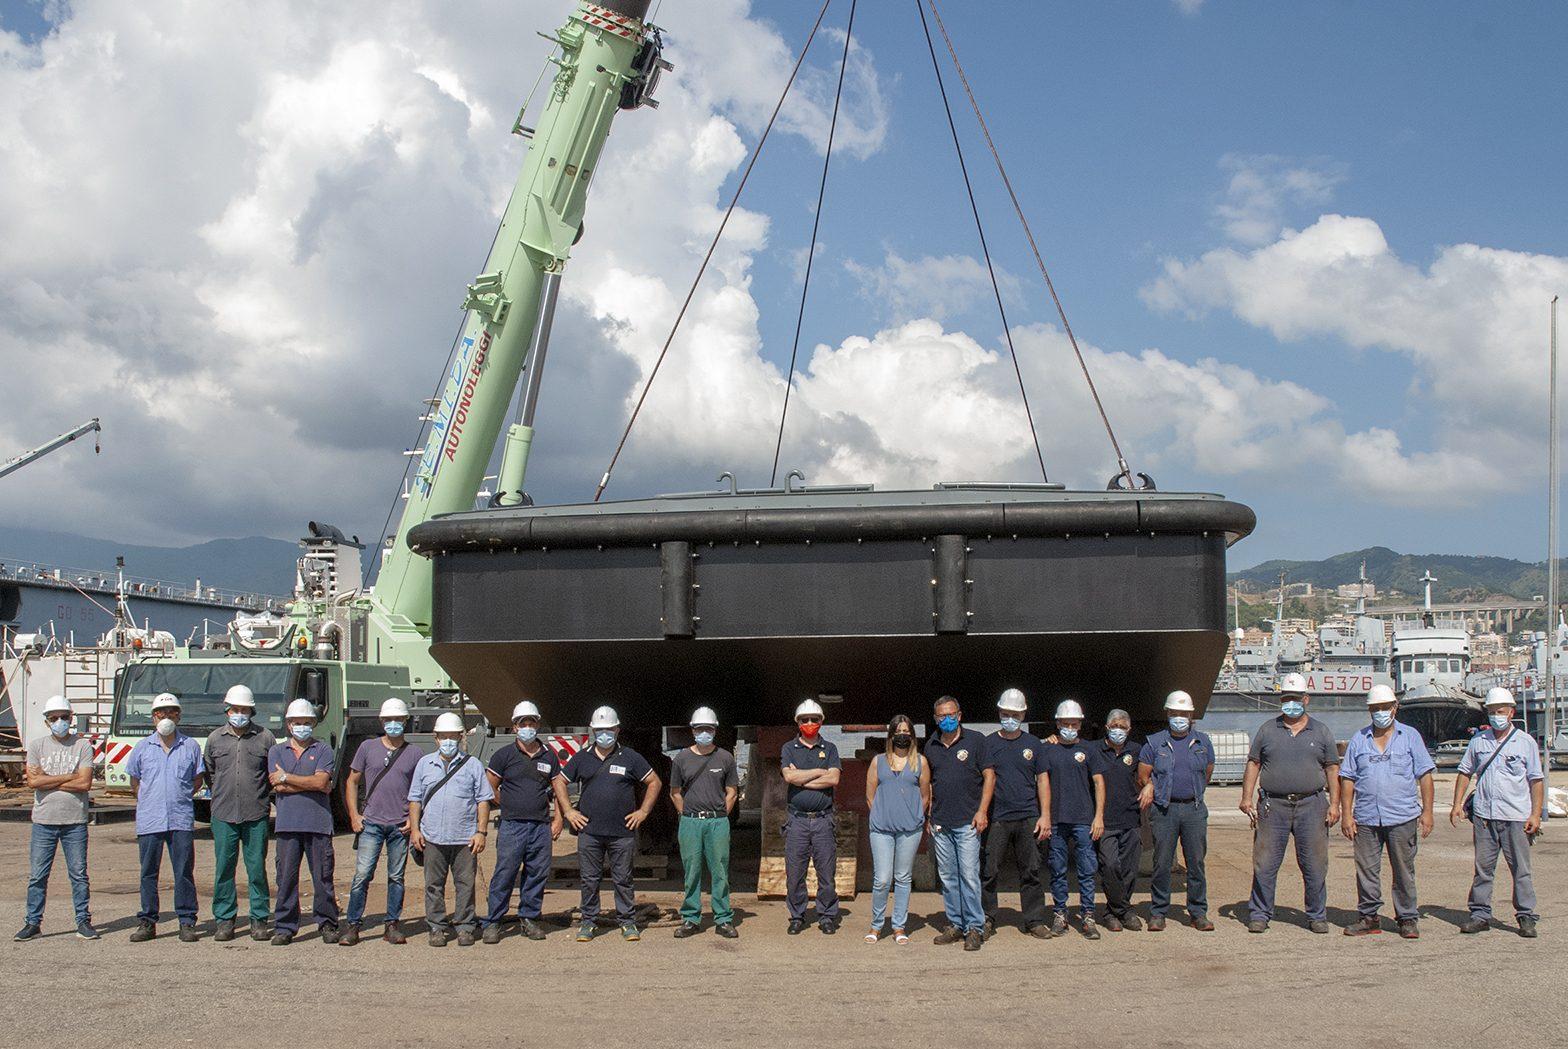 Varato il secondo galleggiante GL 794 per la Marina Militare presso l'Arenale Militare di Messina - 1